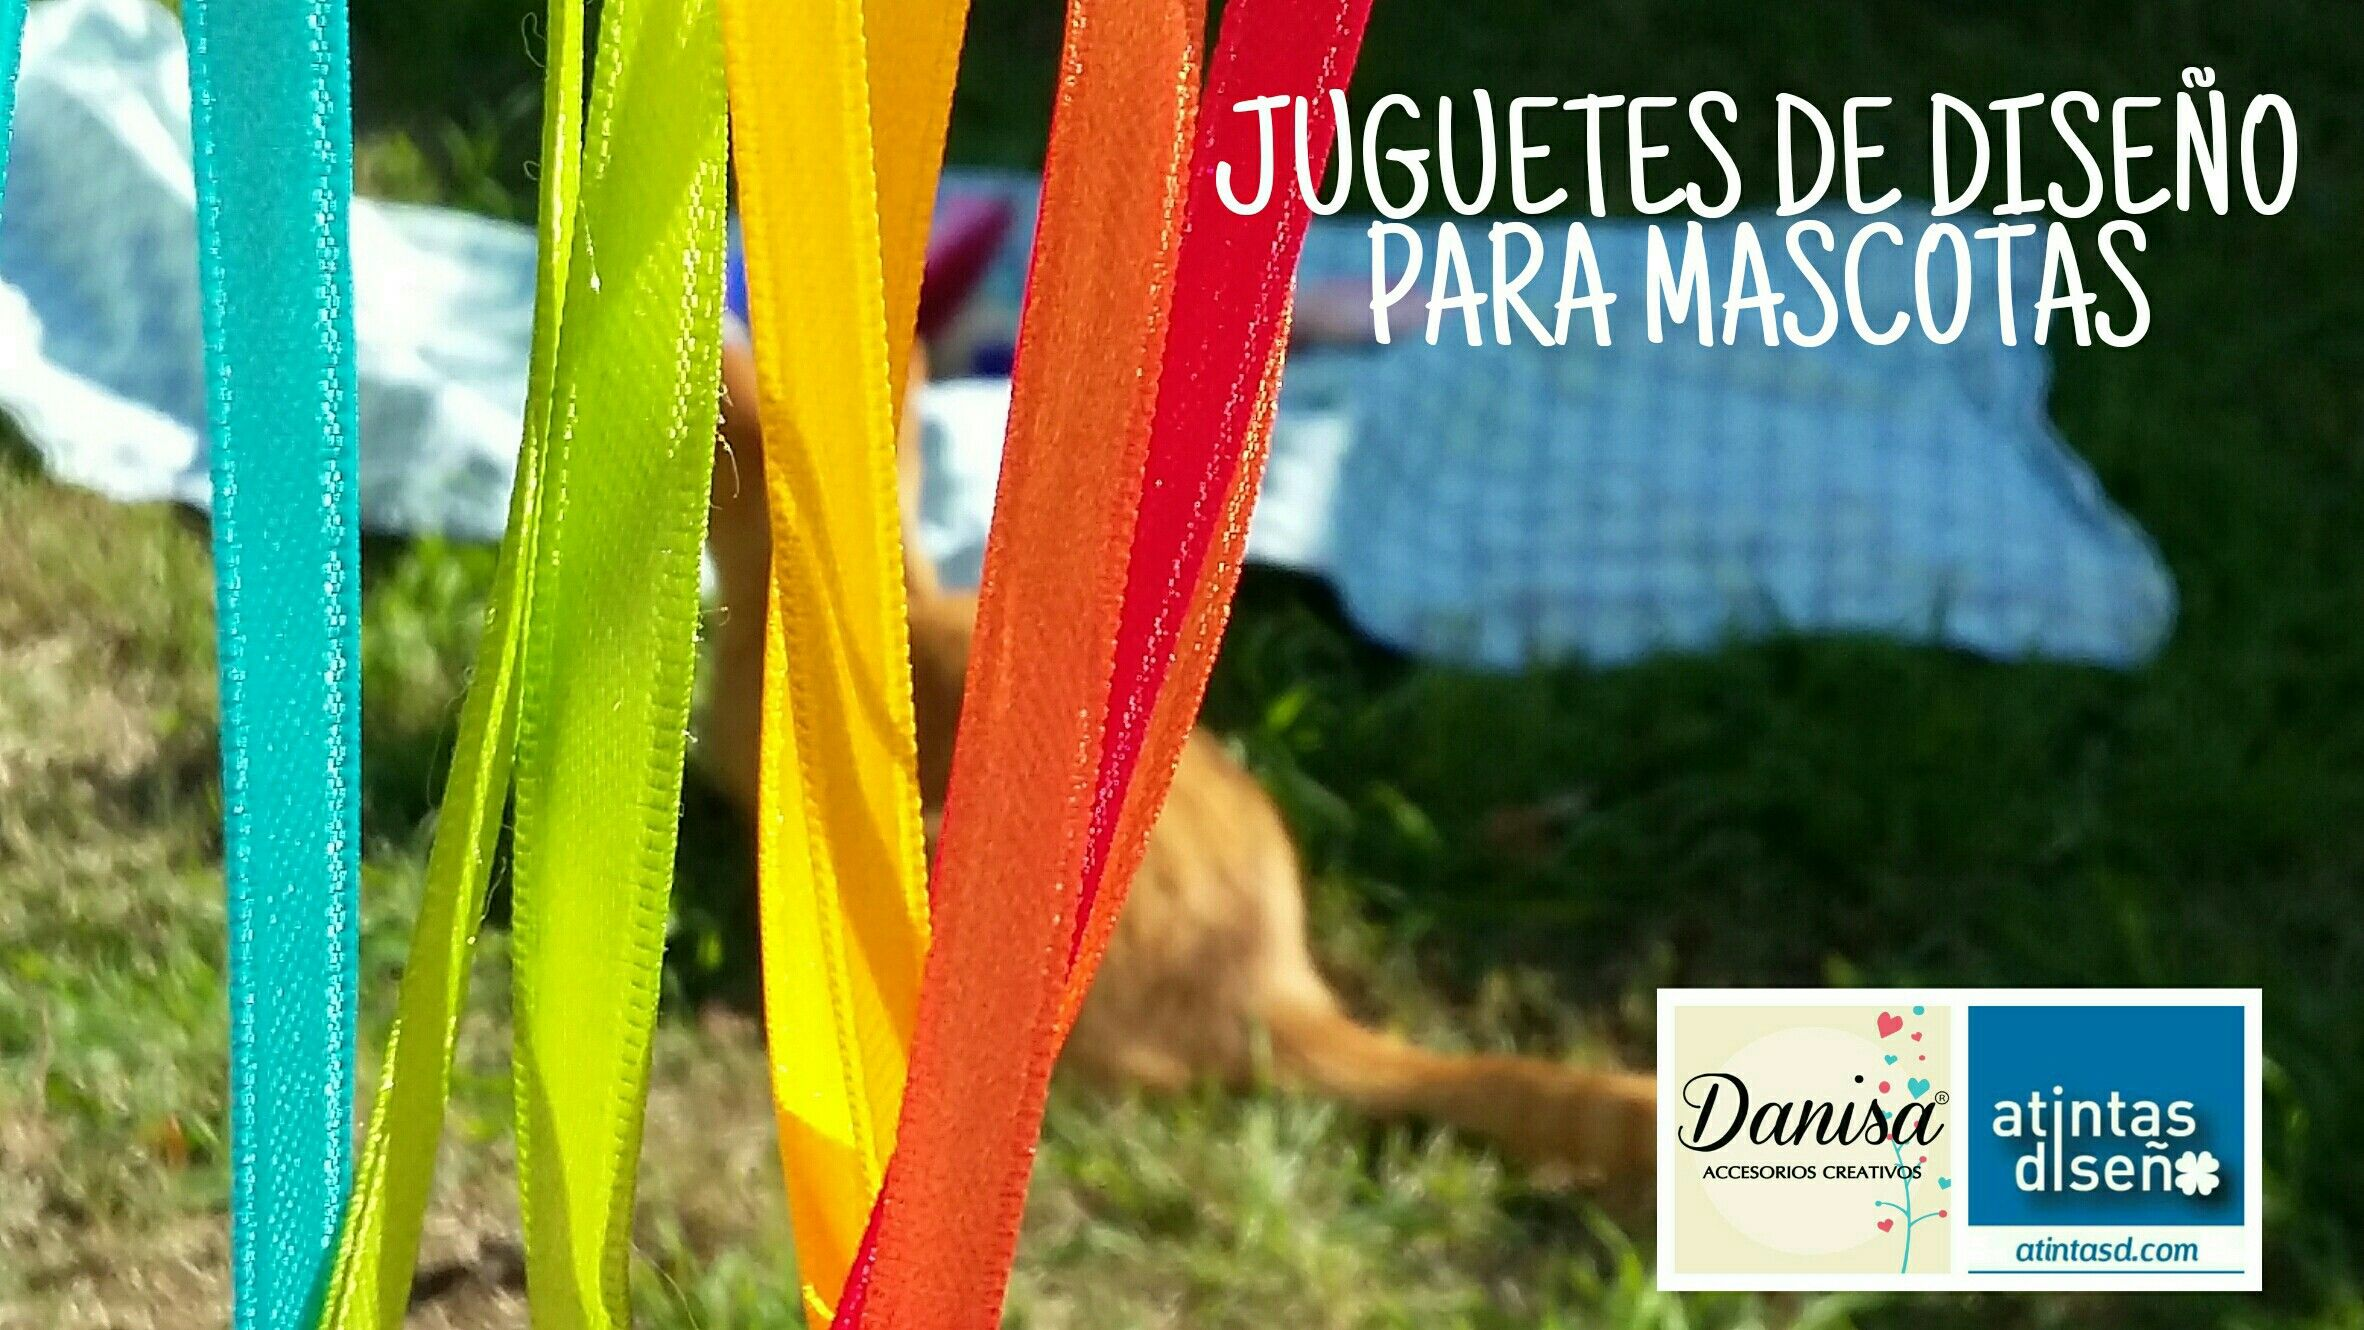 """#Productos de #diseño para #mascotas #creatividad #exclusivos  cargados en la web. www.atintasd.com """"ACCESO CLIENTES"""" """"PRODUCTOS"""" #categoria """"MASCOTAS"""" con fotos y precios mayorista.  ⏩ TODO A PEDIDO  ⏩ ENVIO A TODO EL PAIS  ⏩ SOMOS FABRICANTES ✏✂"""